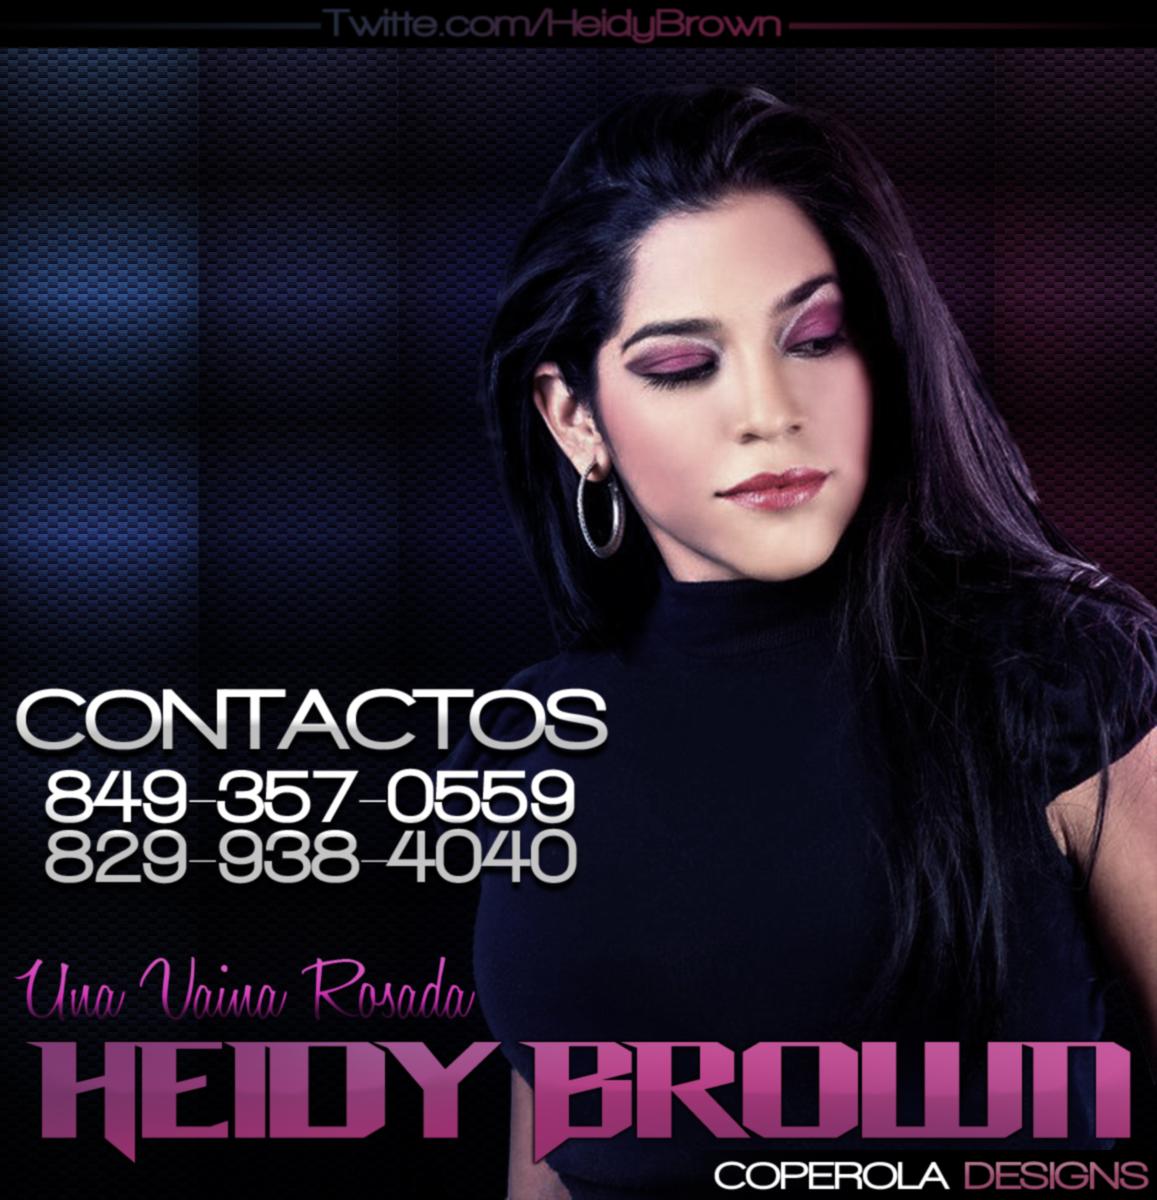 NEW FOTO DE Heidy Brown PARA CONTRATACIONES - Heidy Brown - COPEROLA ...